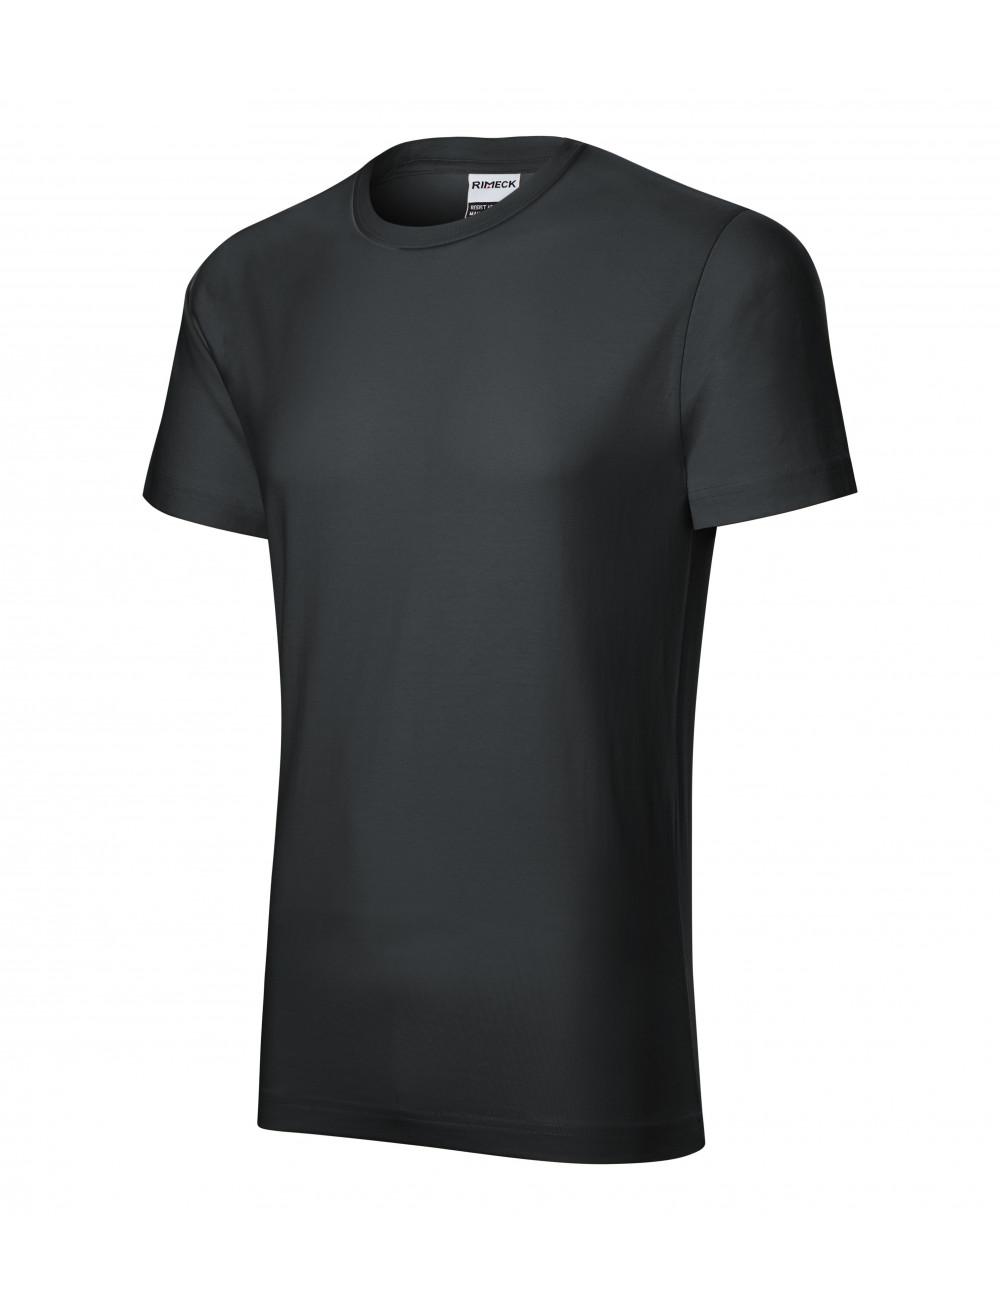 Adler RIMECK Koszulka męska Resist R01 ebony gray